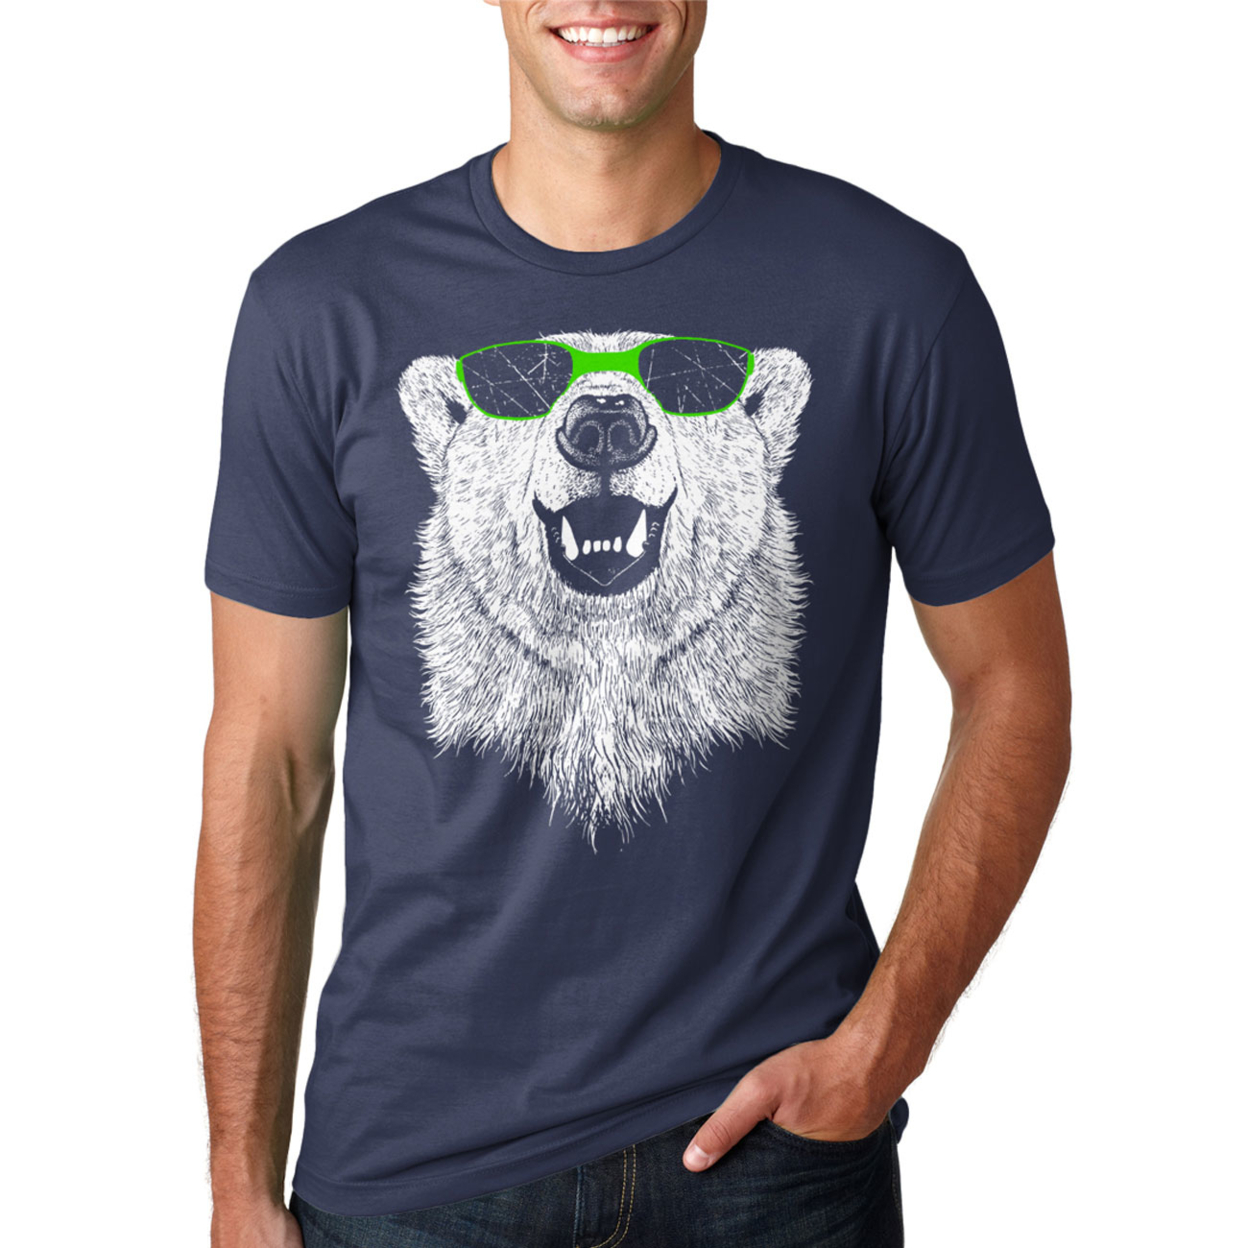 Polar Bear Wearing Sunglasses T-shirt Mens Small